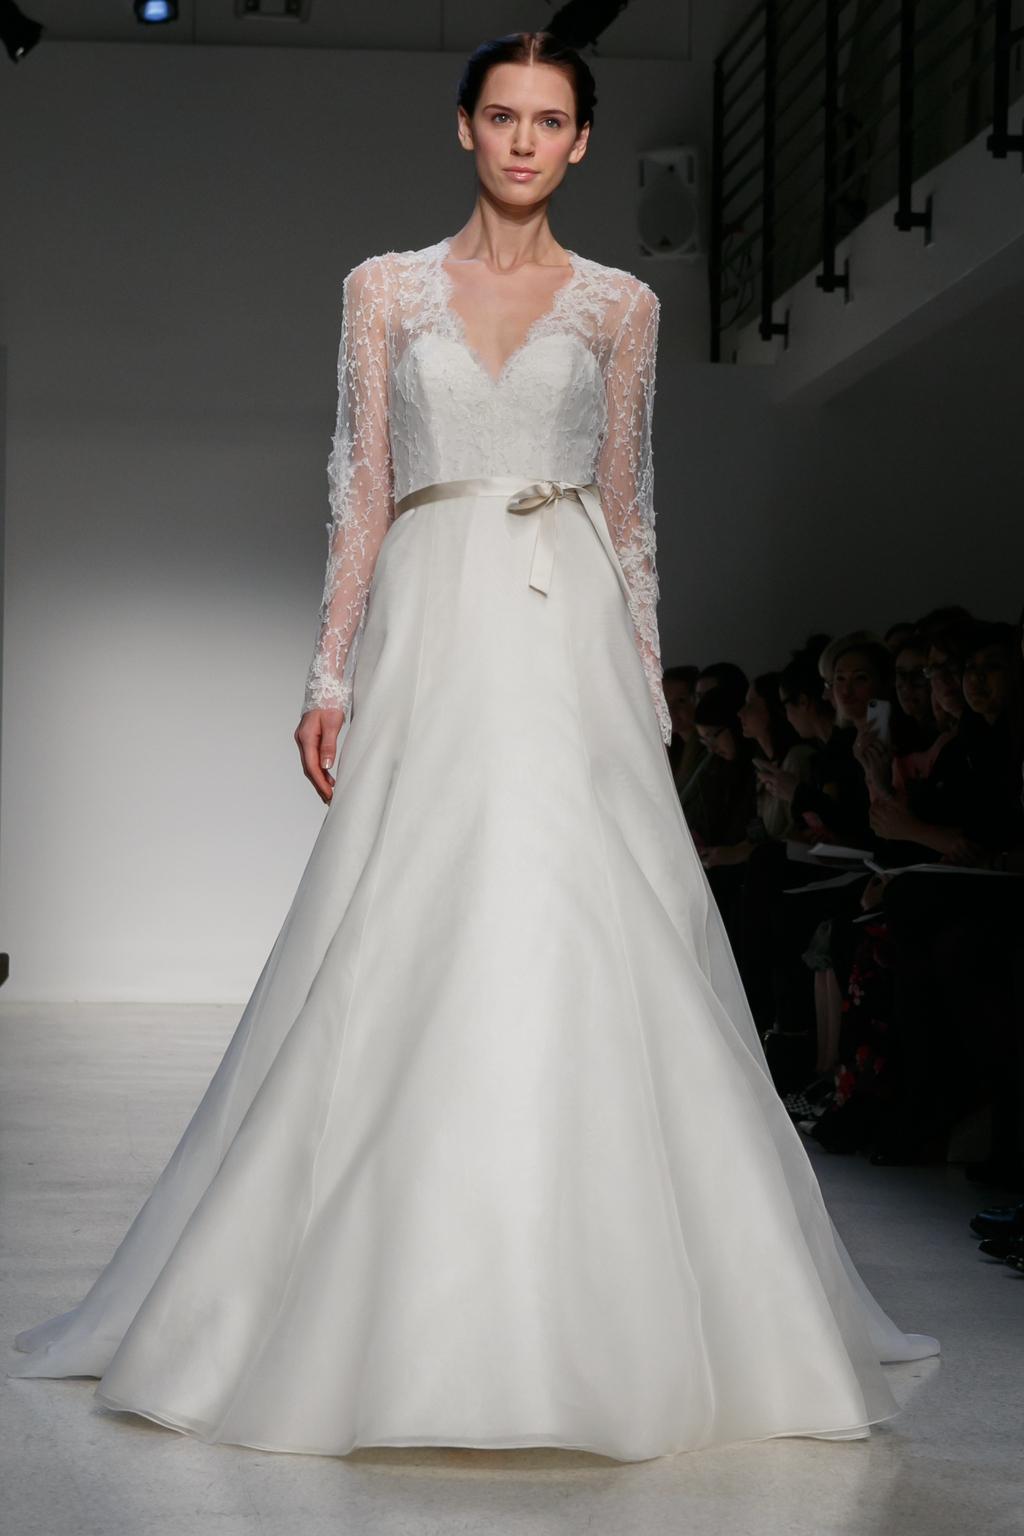 Fall-2013-wedding-dress-by-christos-amsale-bridal-9.full